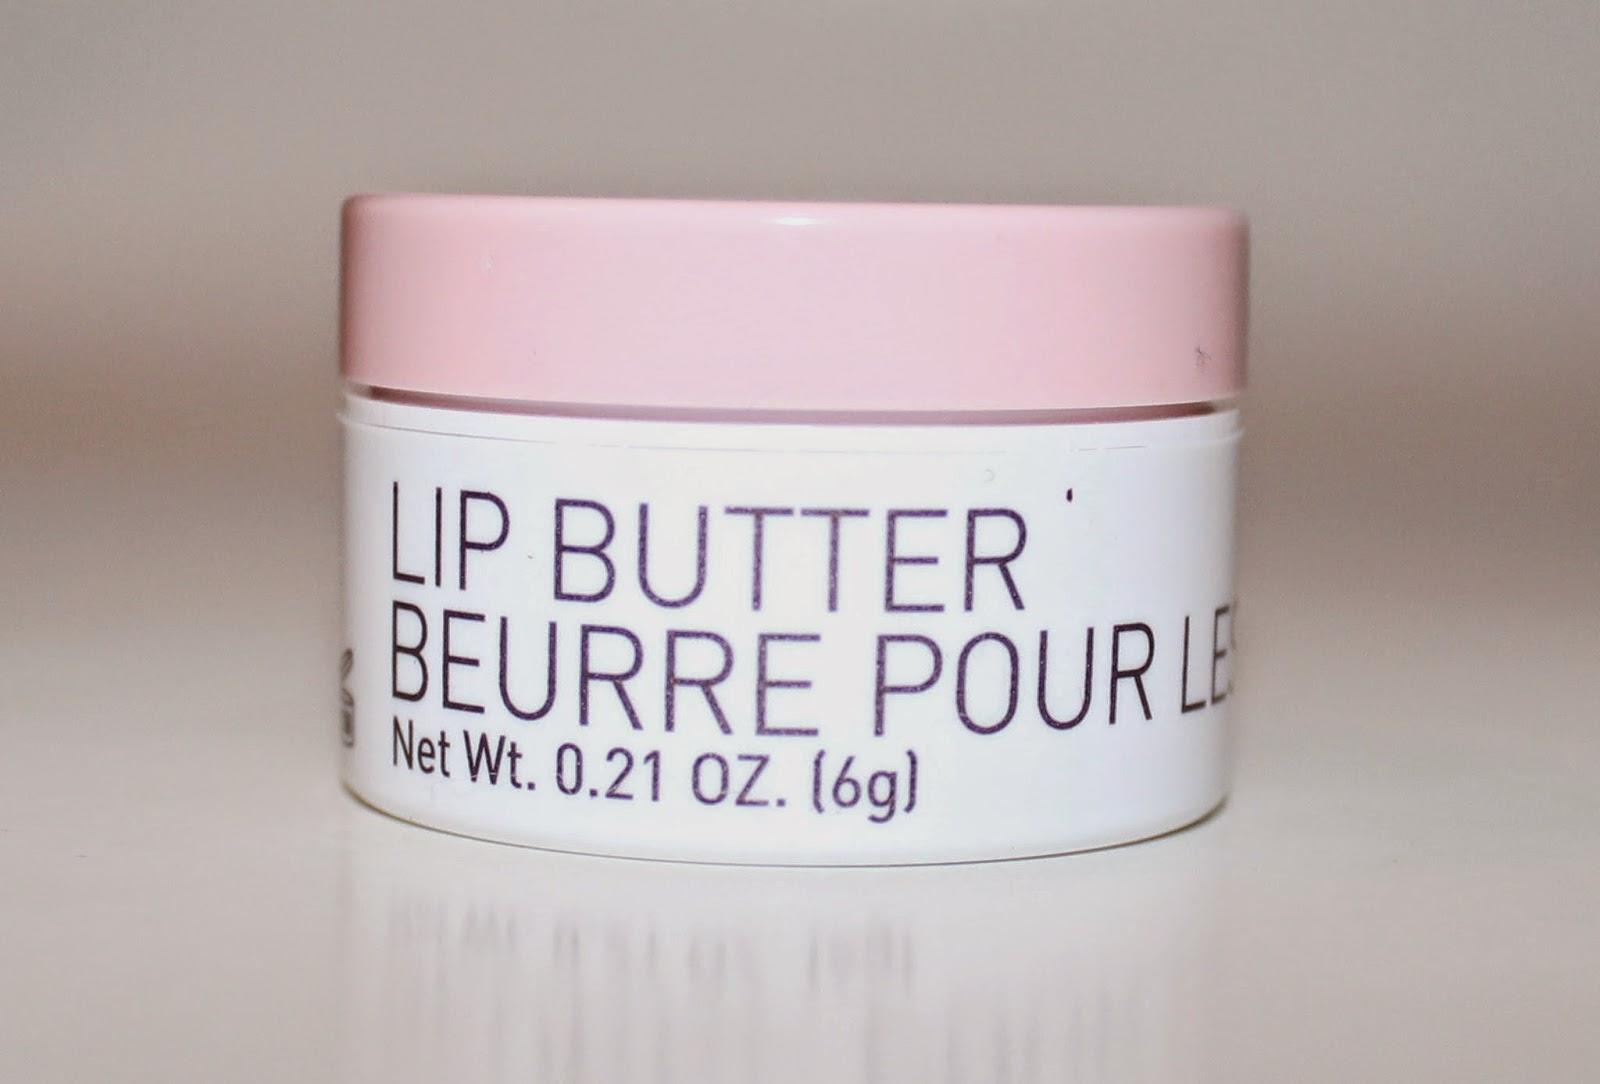 Korres Lip Butter in Jasmine